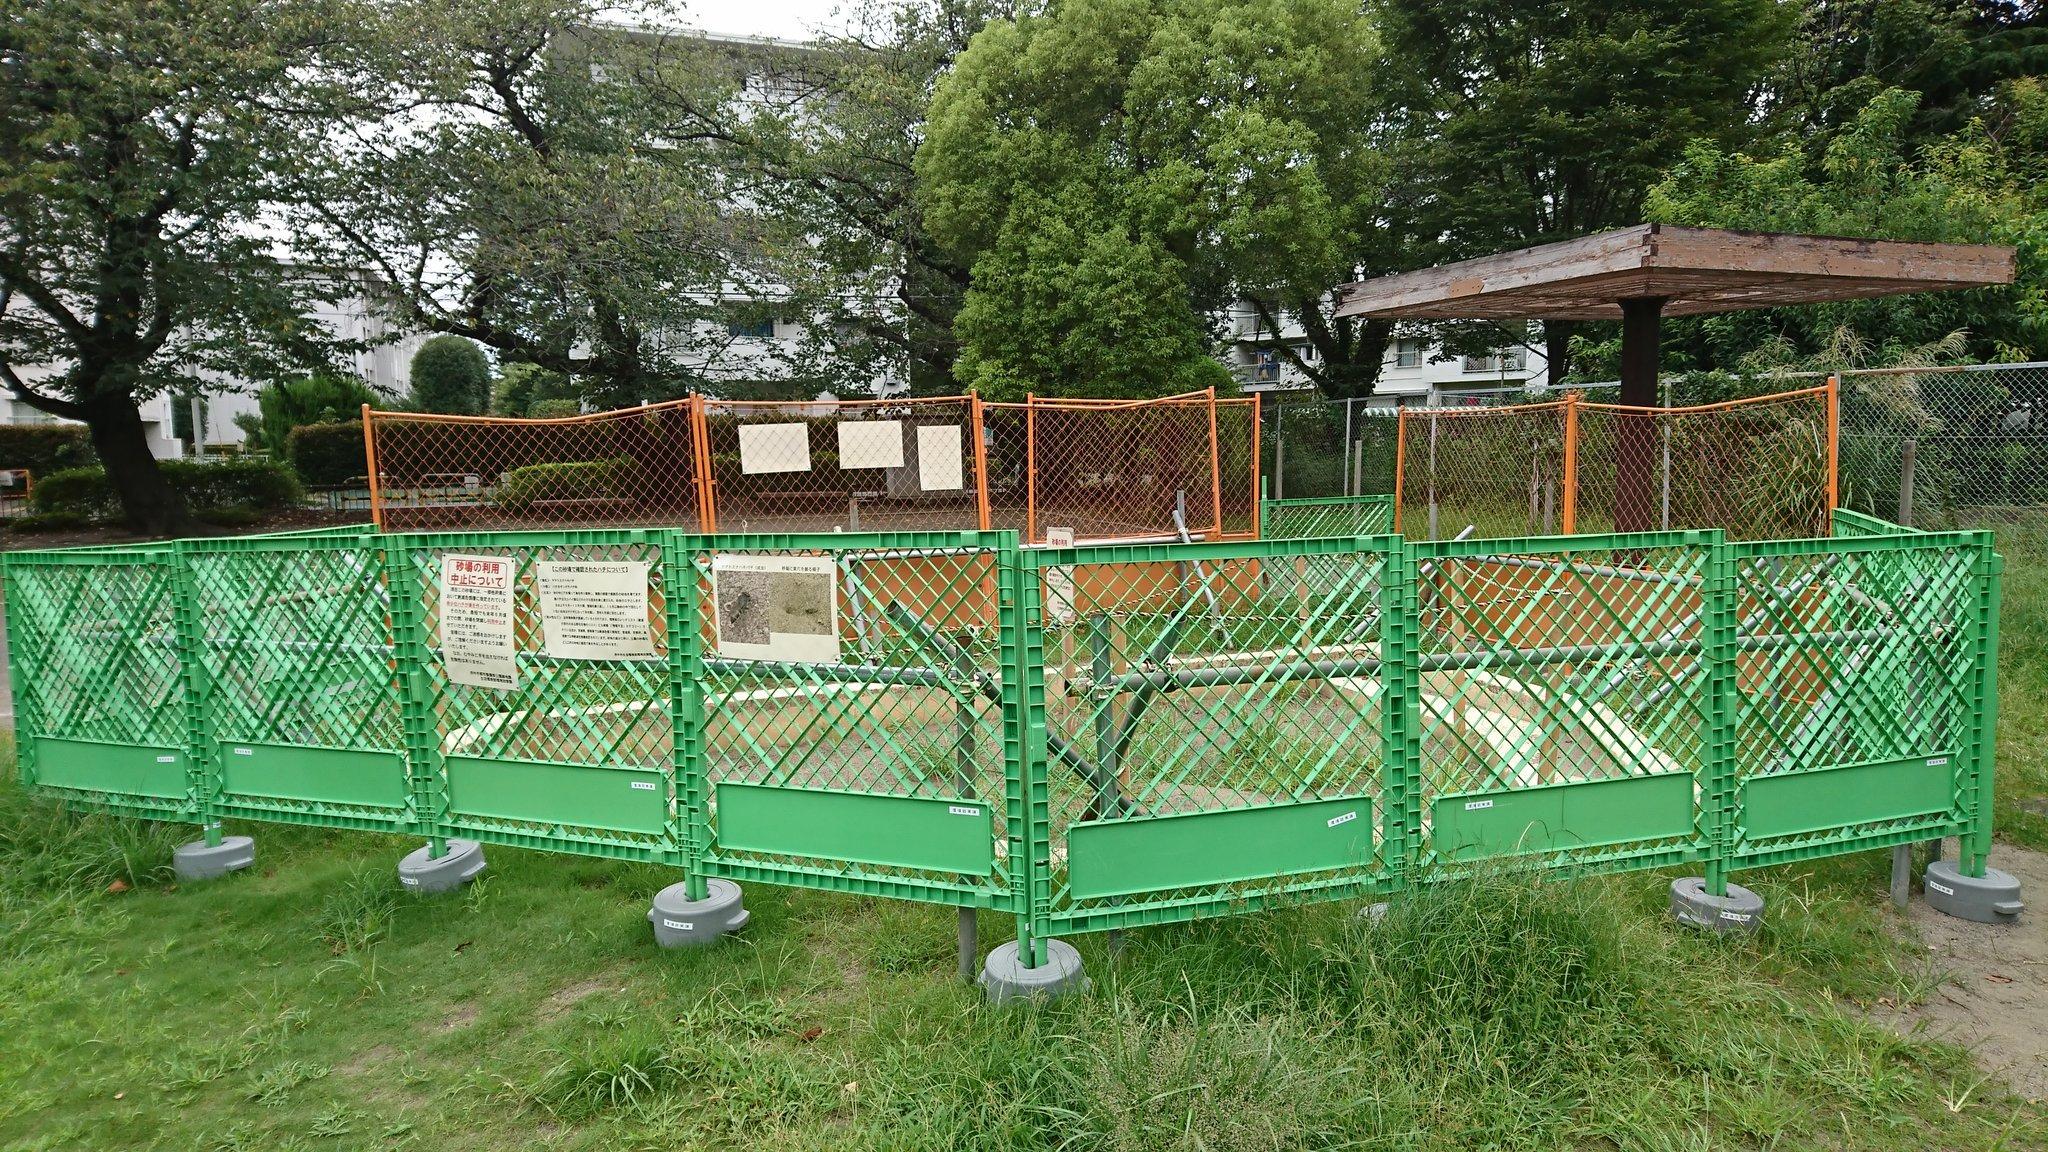 子供とよく来る公園、砂場が使用中止になっててえぇ…と思ったら、想定外の理由だった。…なら仕方ないか、うん。